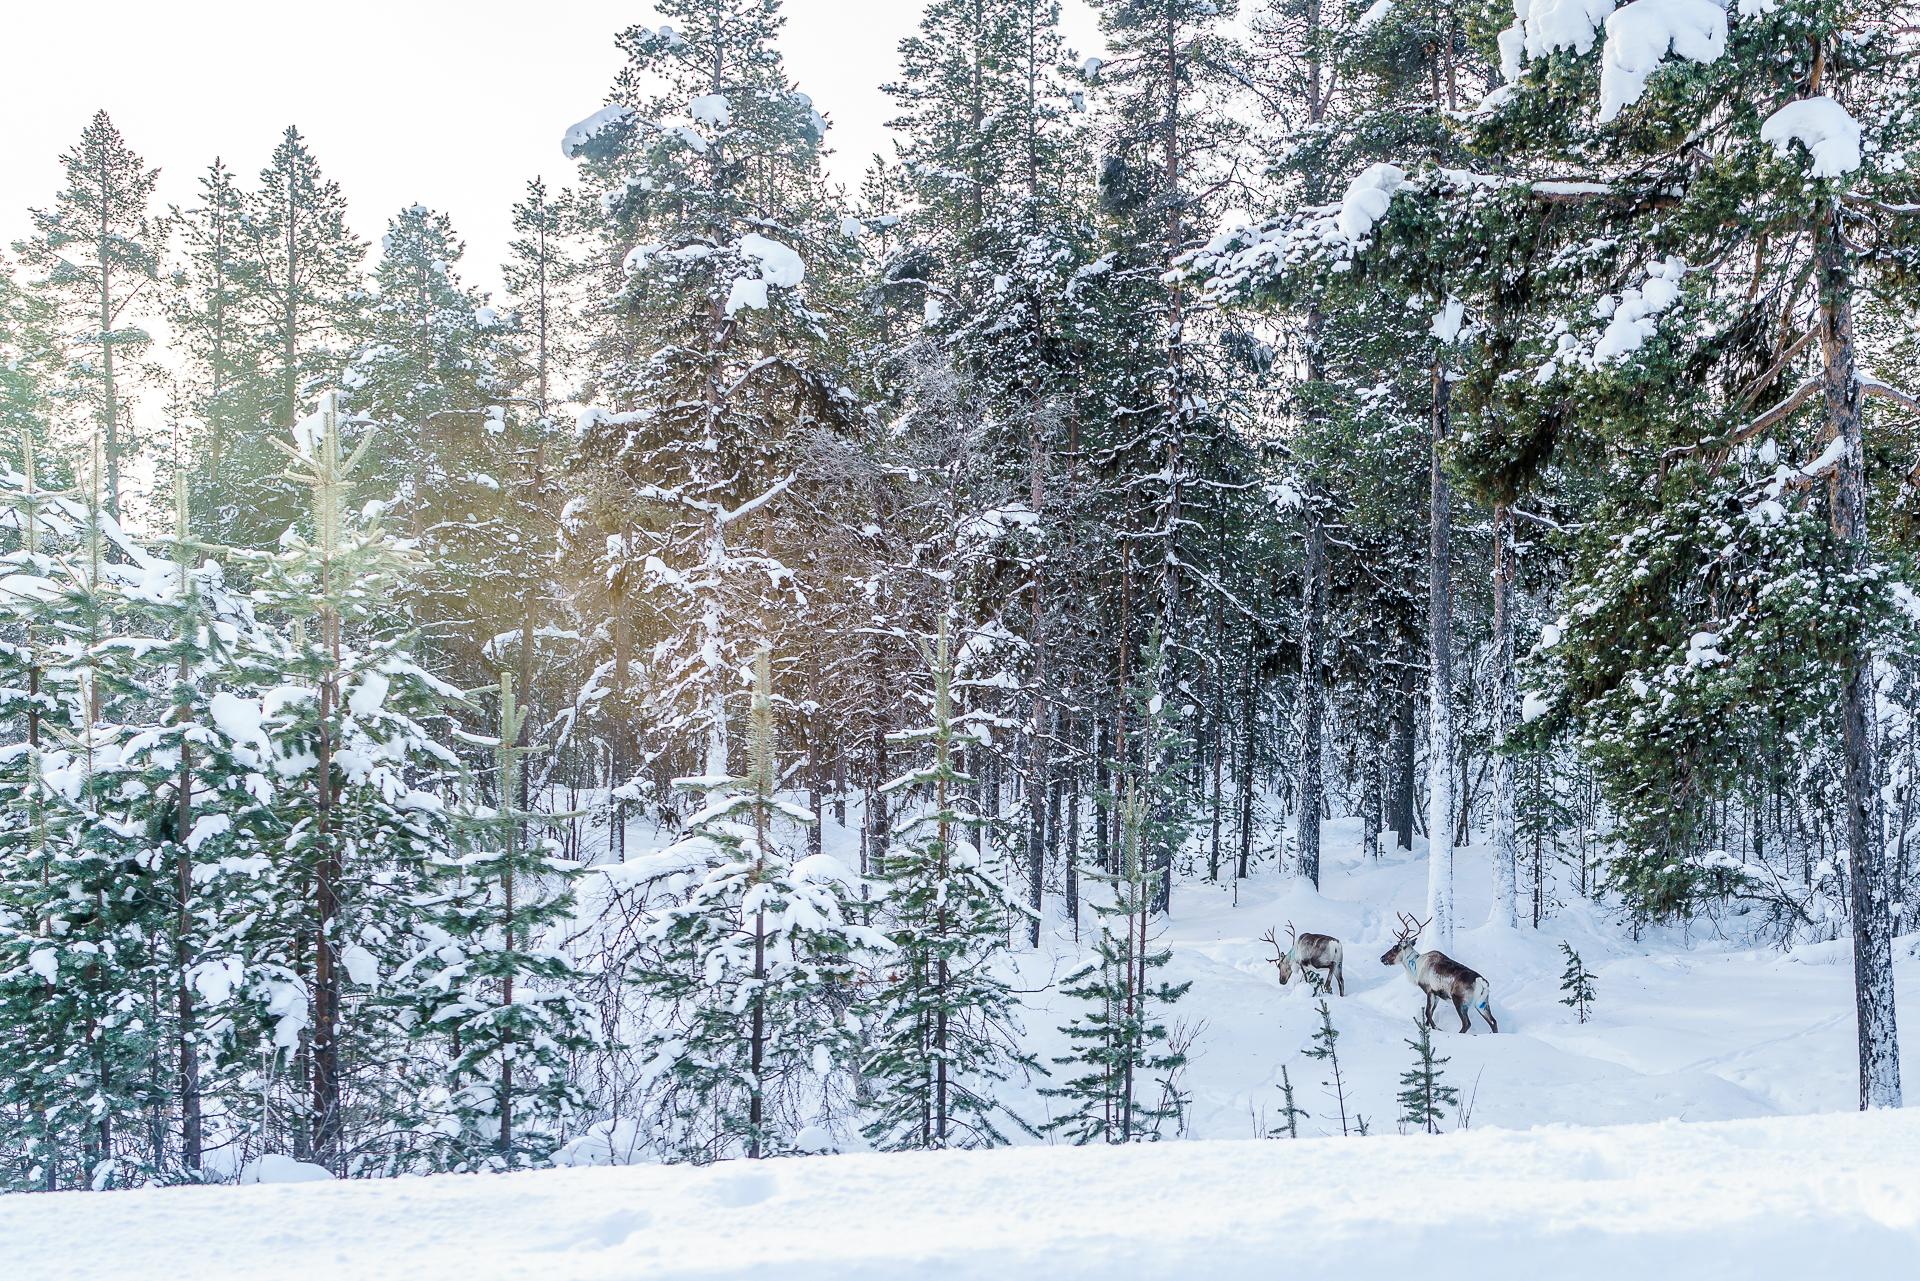 Rentiere-Lappland